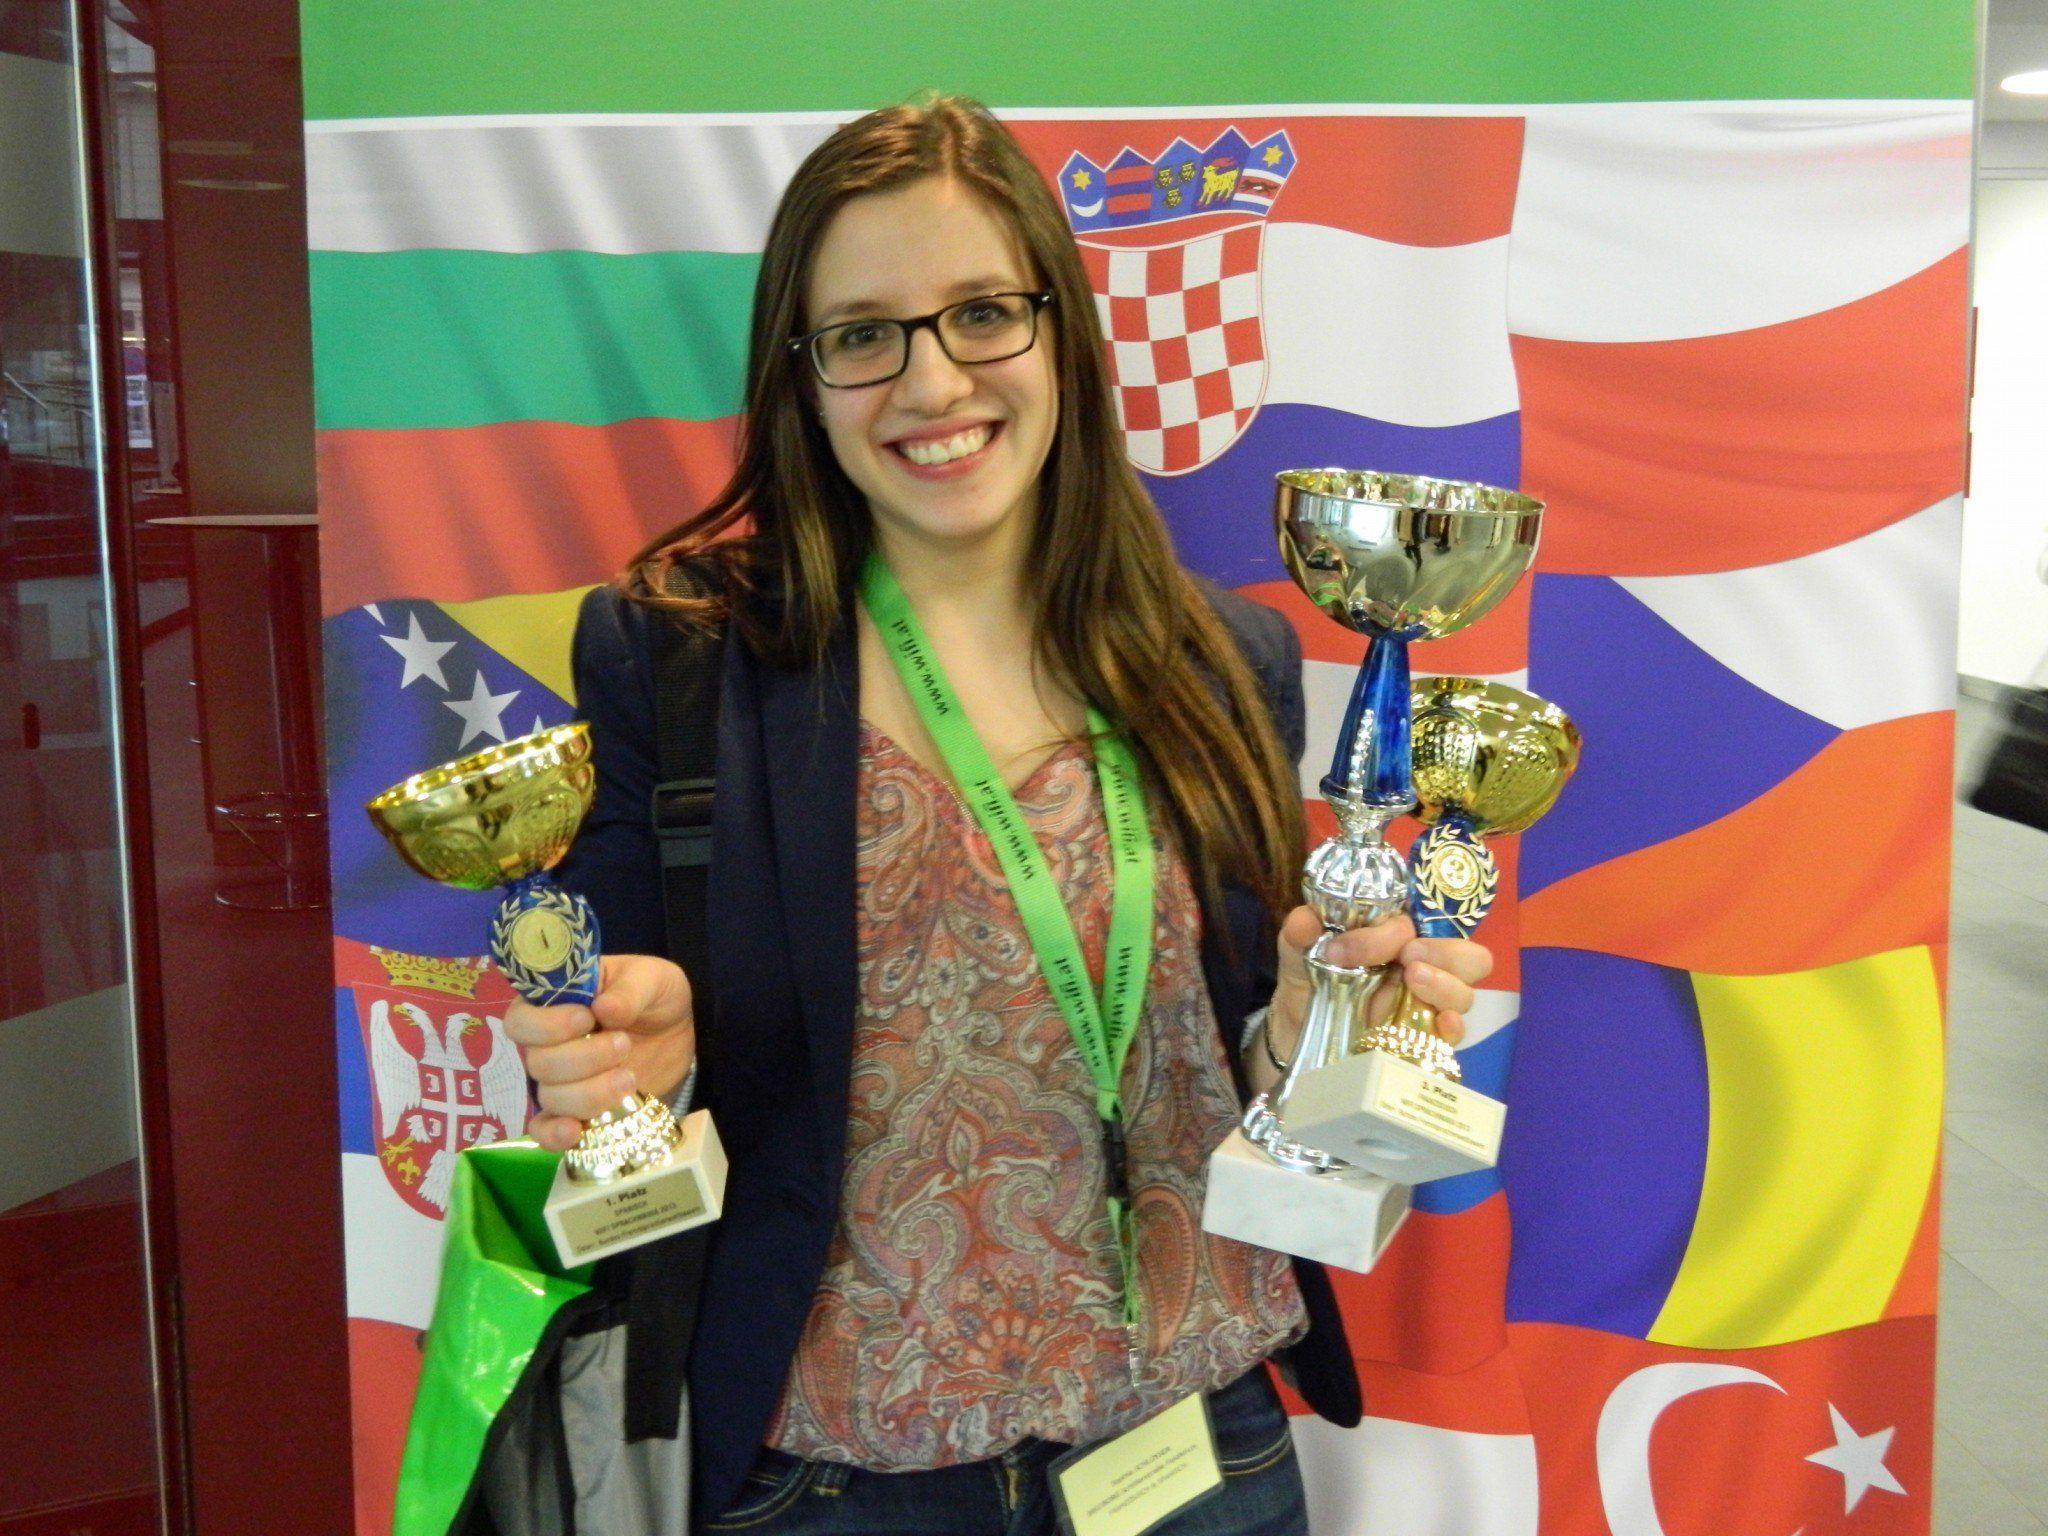 Sophia Schlosser war beim Sprachmania-Bundesbewerb gleich in mehreren Sprachen erfolgreich.